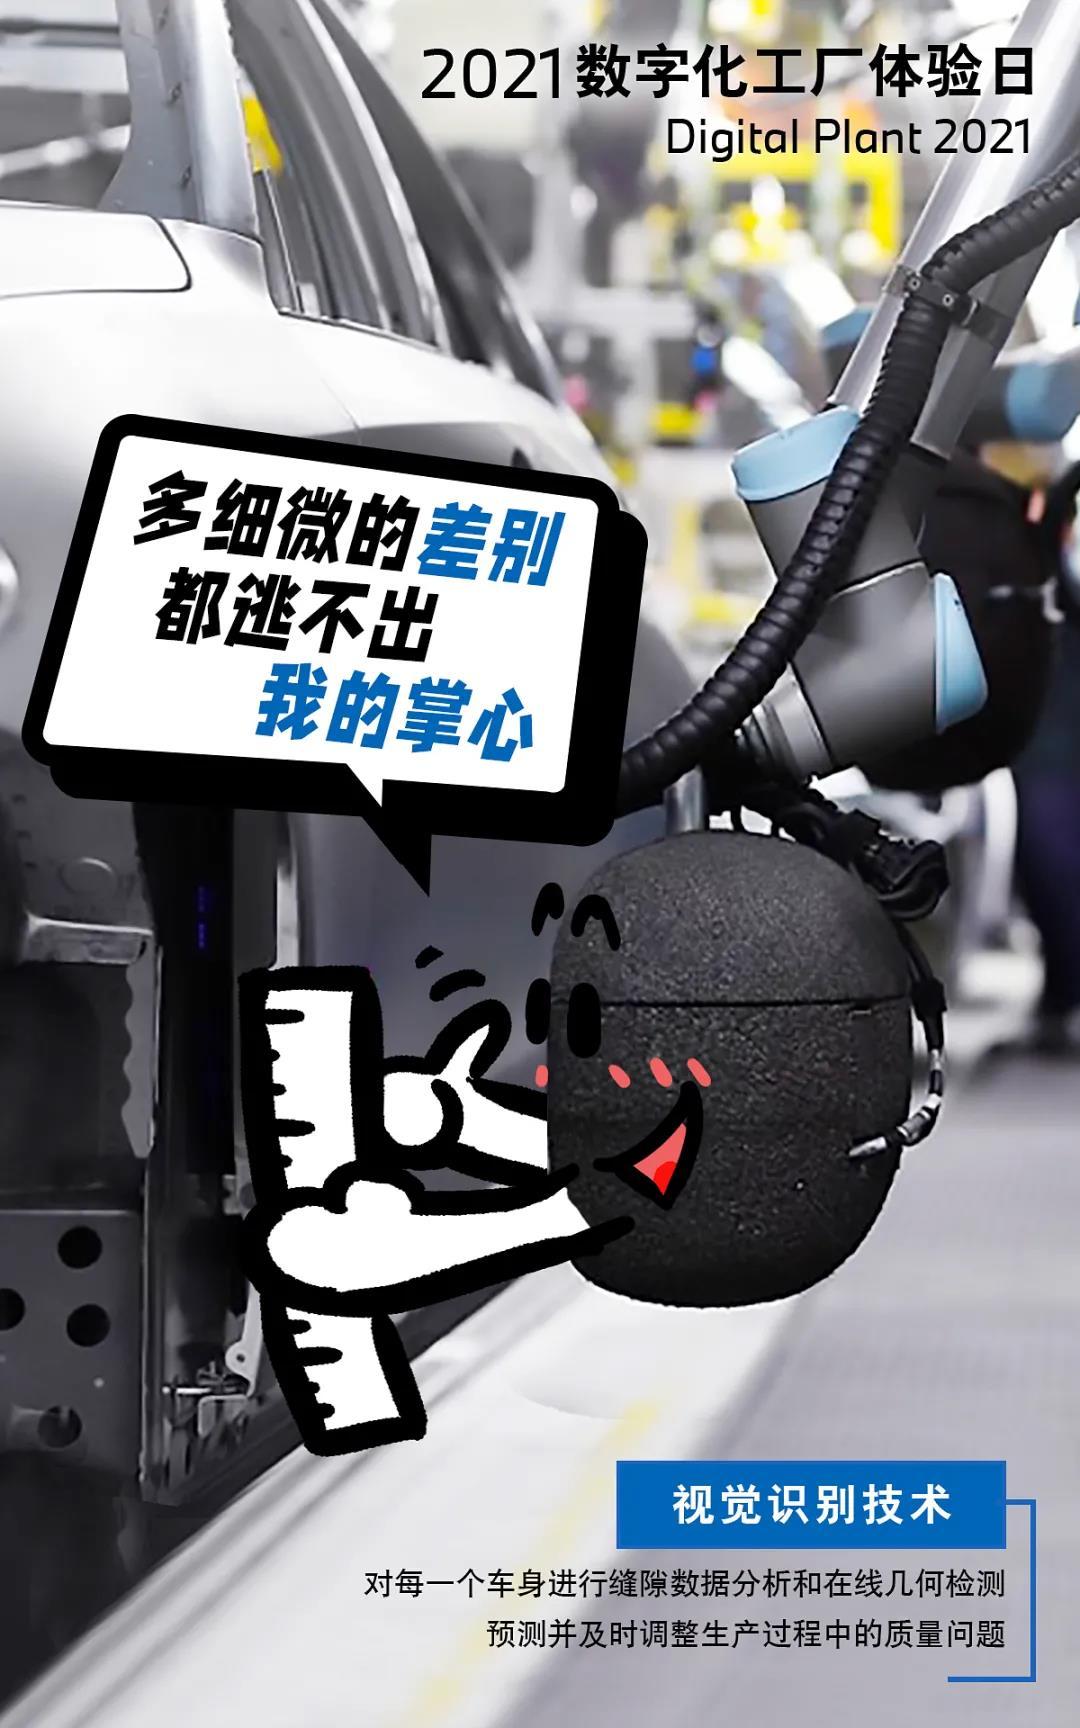 宝马数字化工厂体验日.jpg